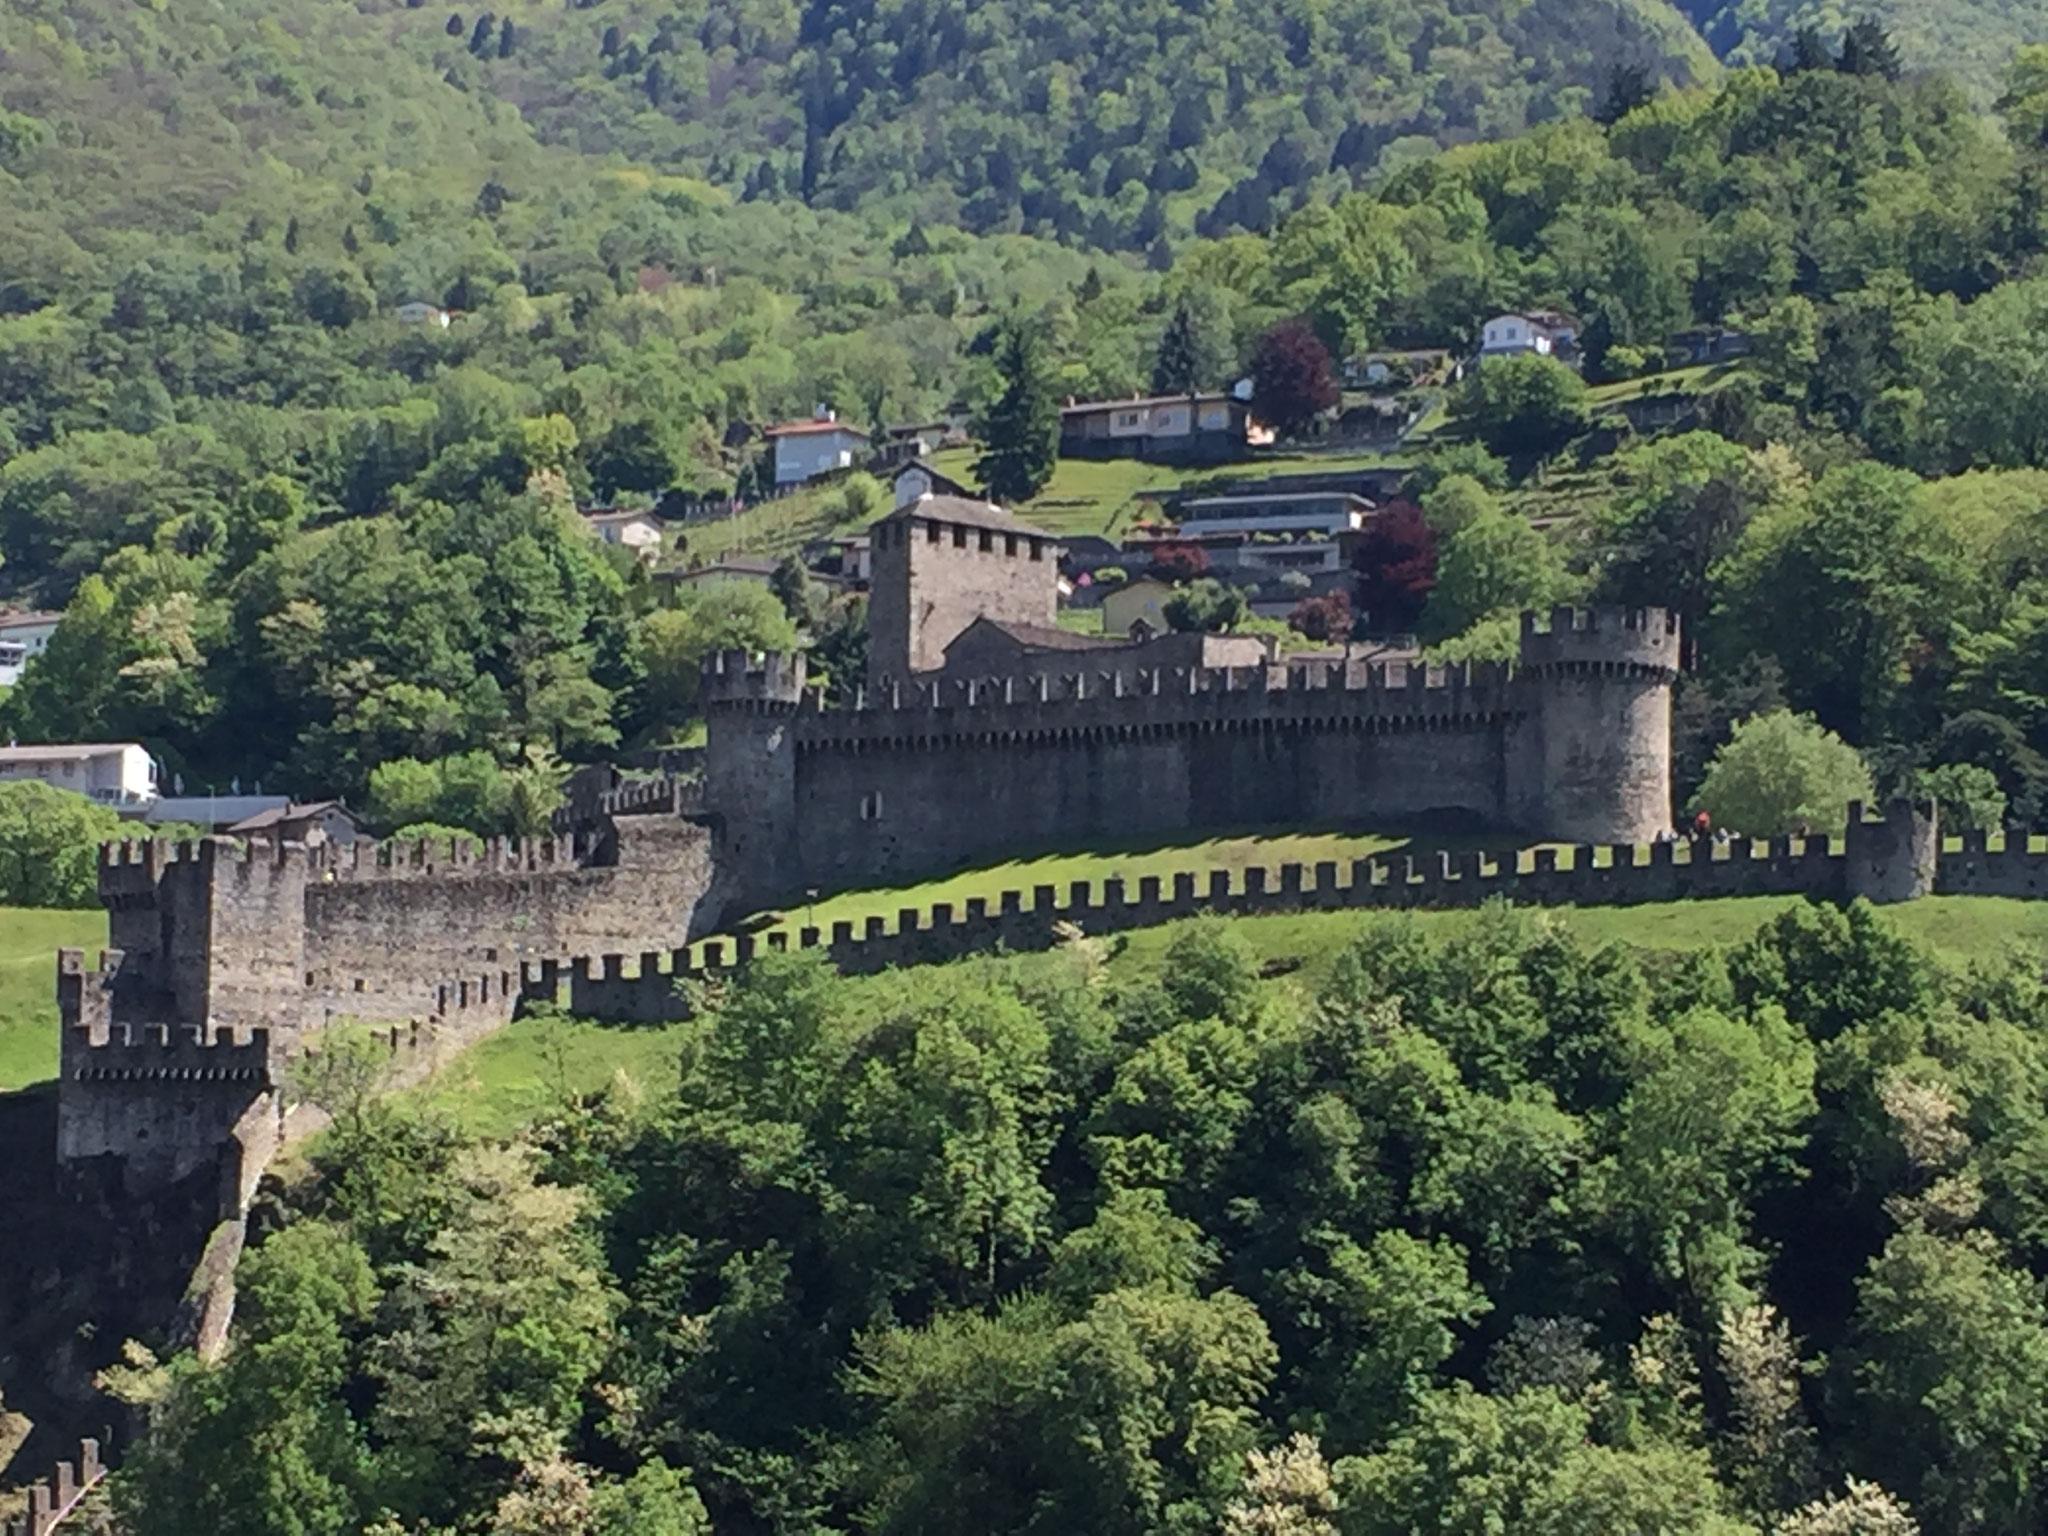 Castello Sasso Corbaro